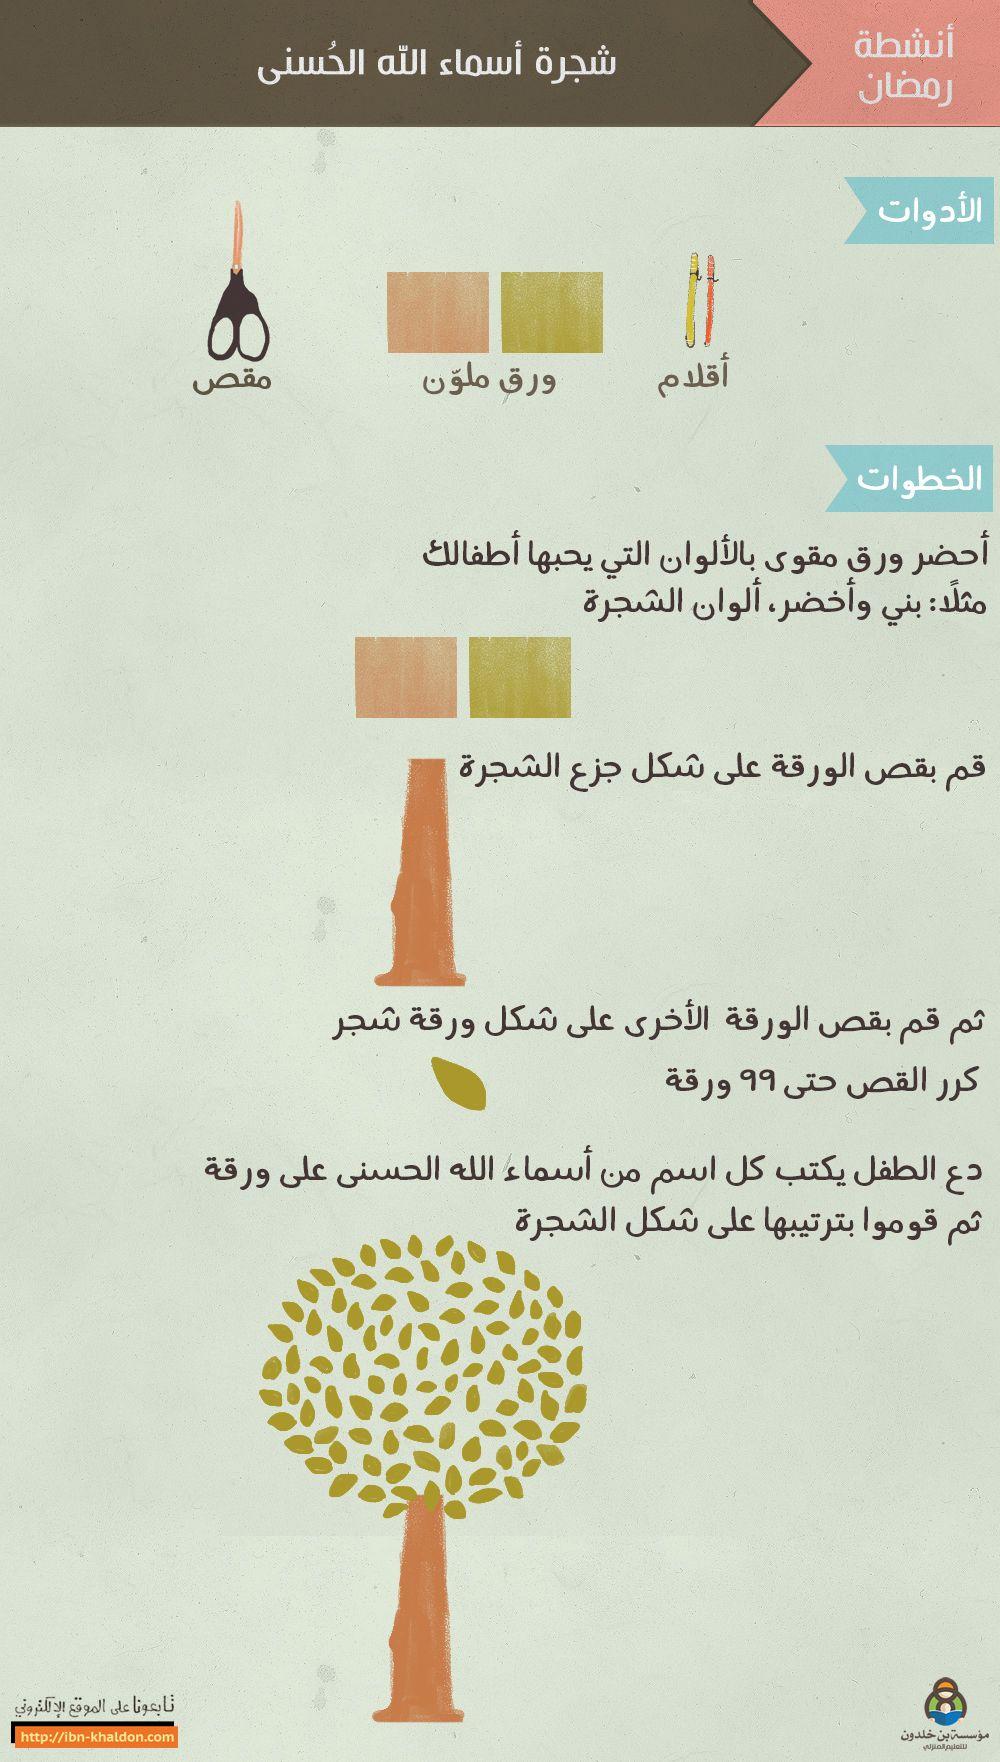 أسماء الله الحسنى على كل ورقة من أوراق شجرة من صنع طفلك تابعوا أنشطة رمضان للأطفال على ابن خلدون للتعليم المنزلي Ramadan Ramadan Decorations Watercolor Cards